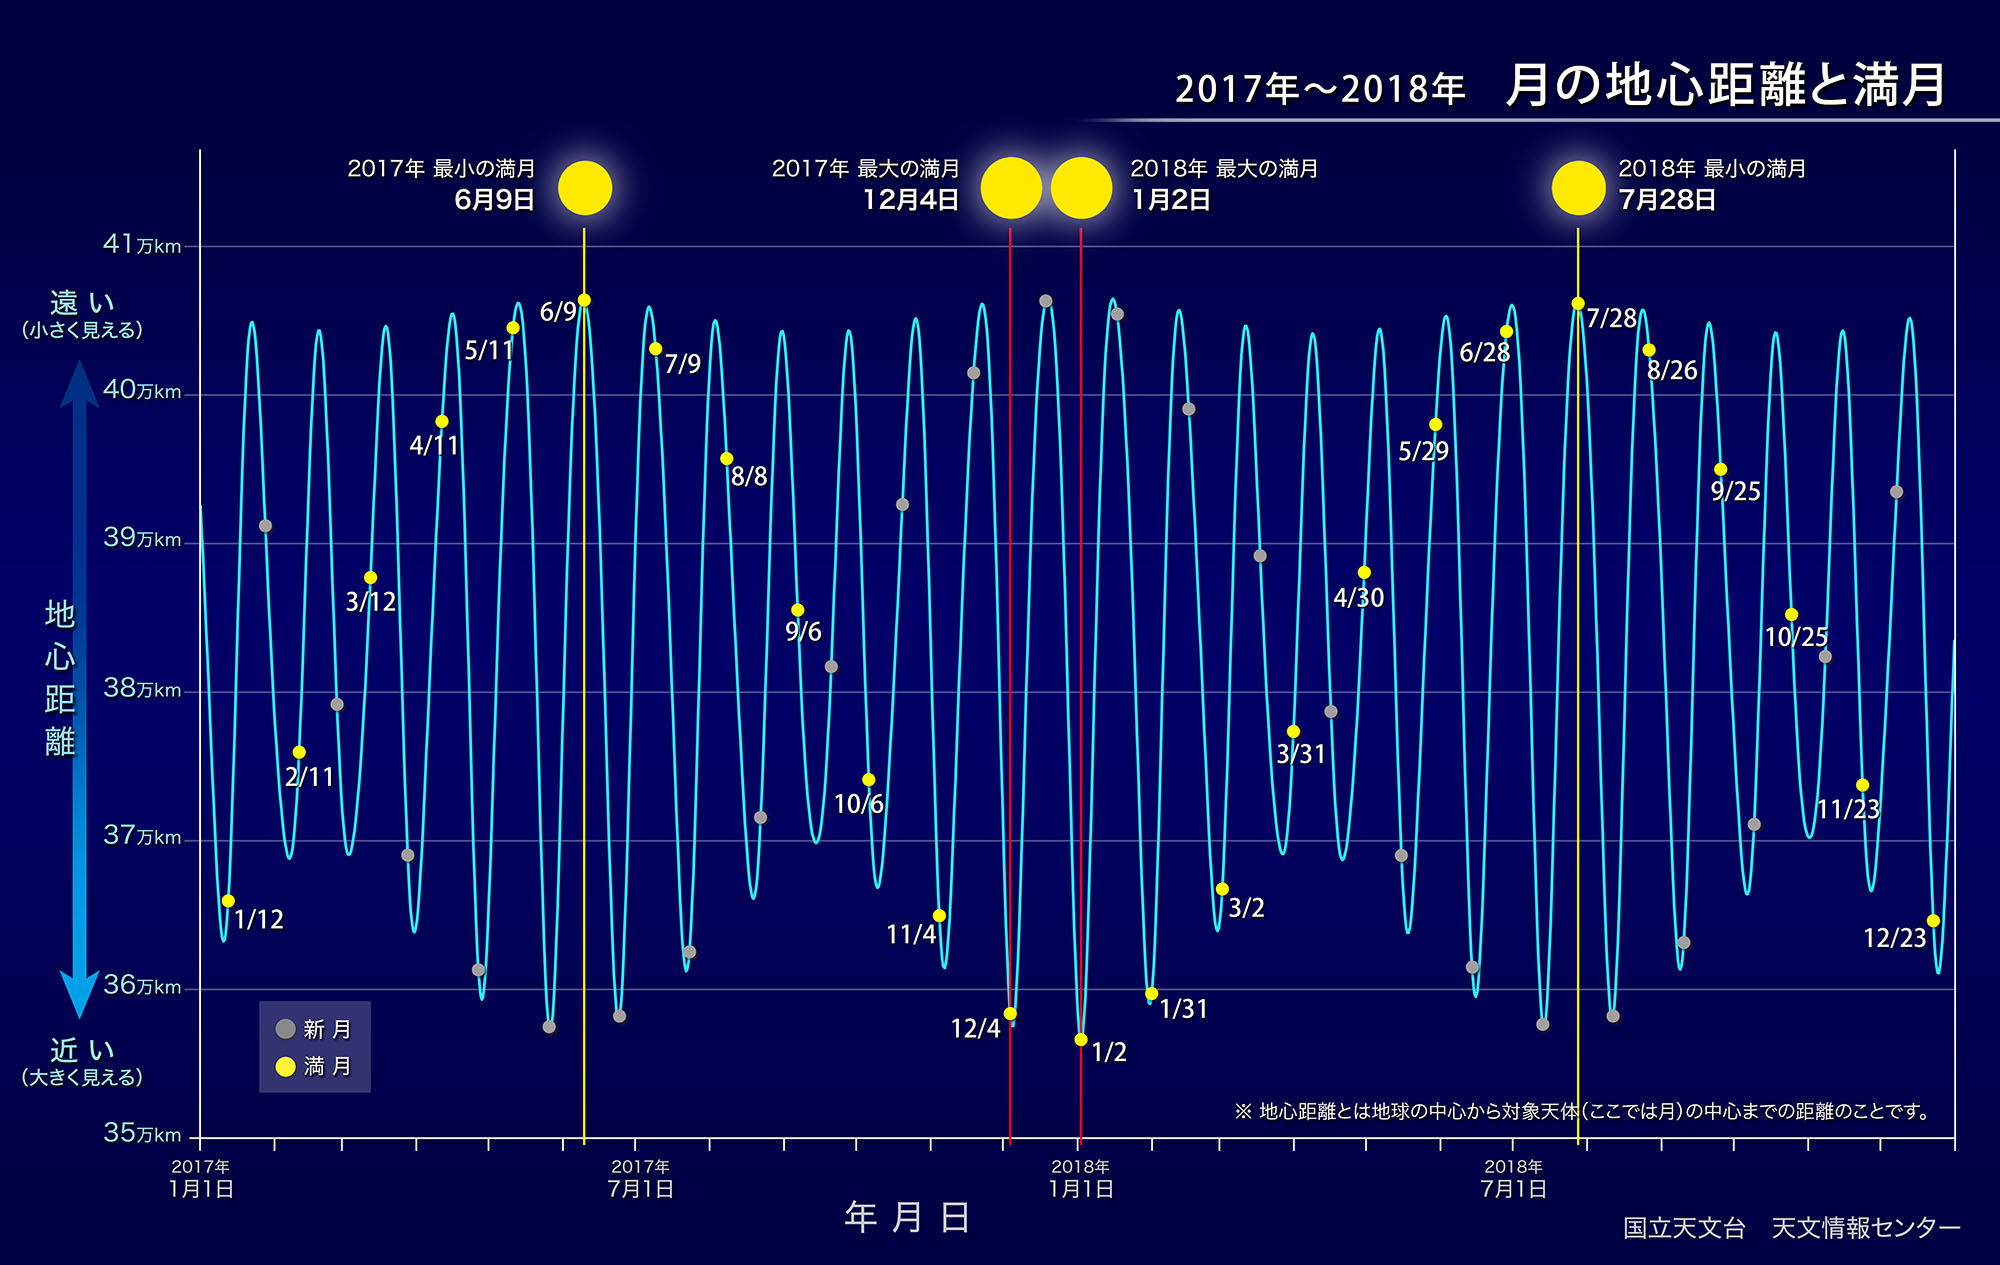 https://www.nao.ac.jp/contents/astro/sky/2018/01/topics02-1-m.jpg